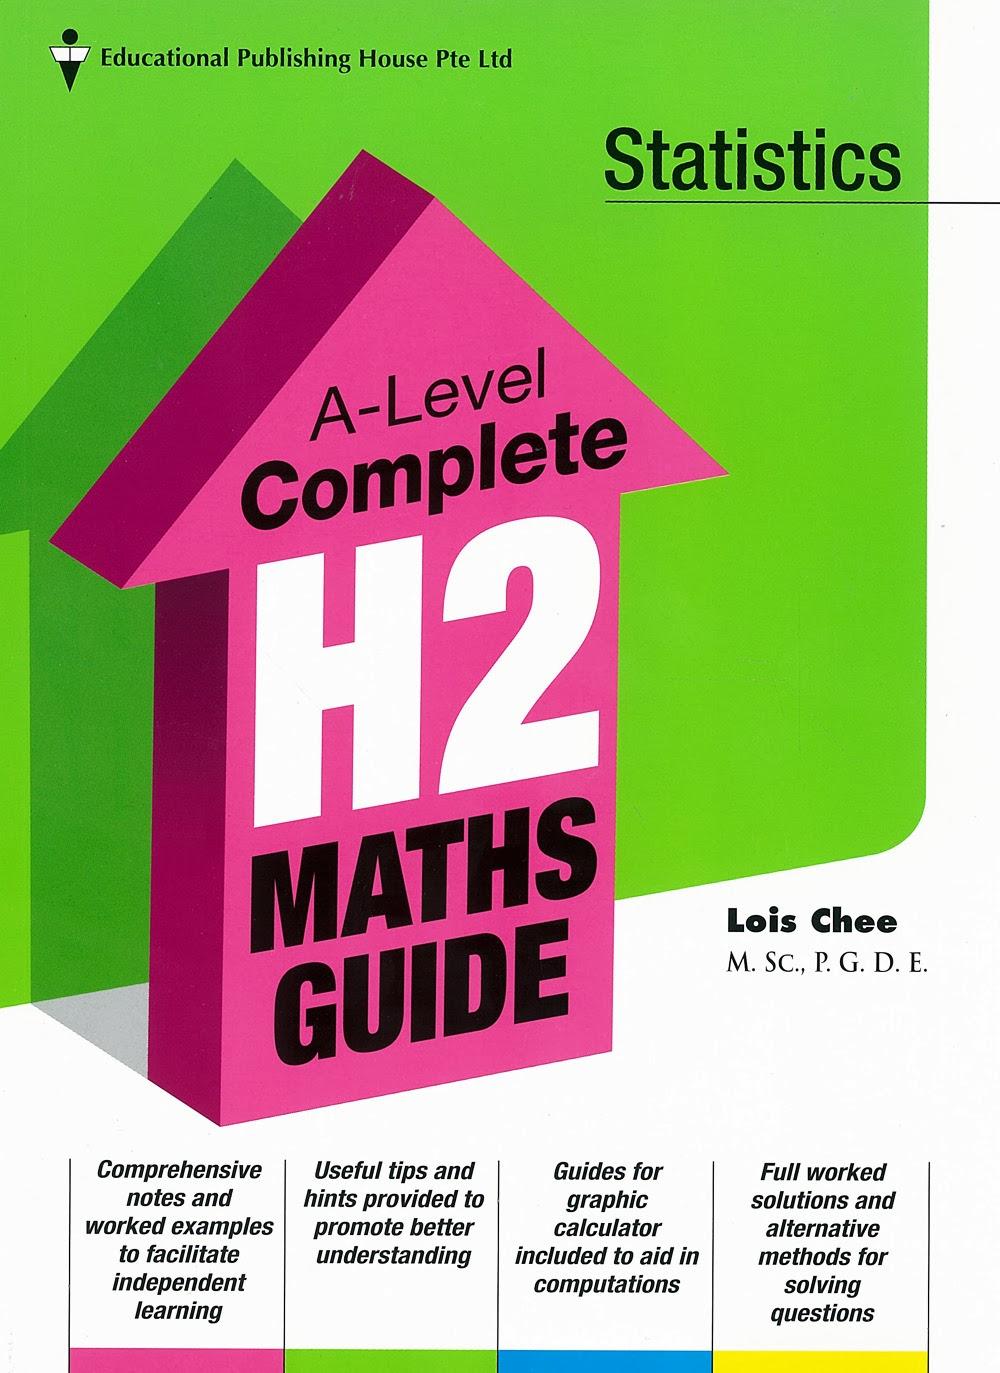 A Level Maths Guidebook